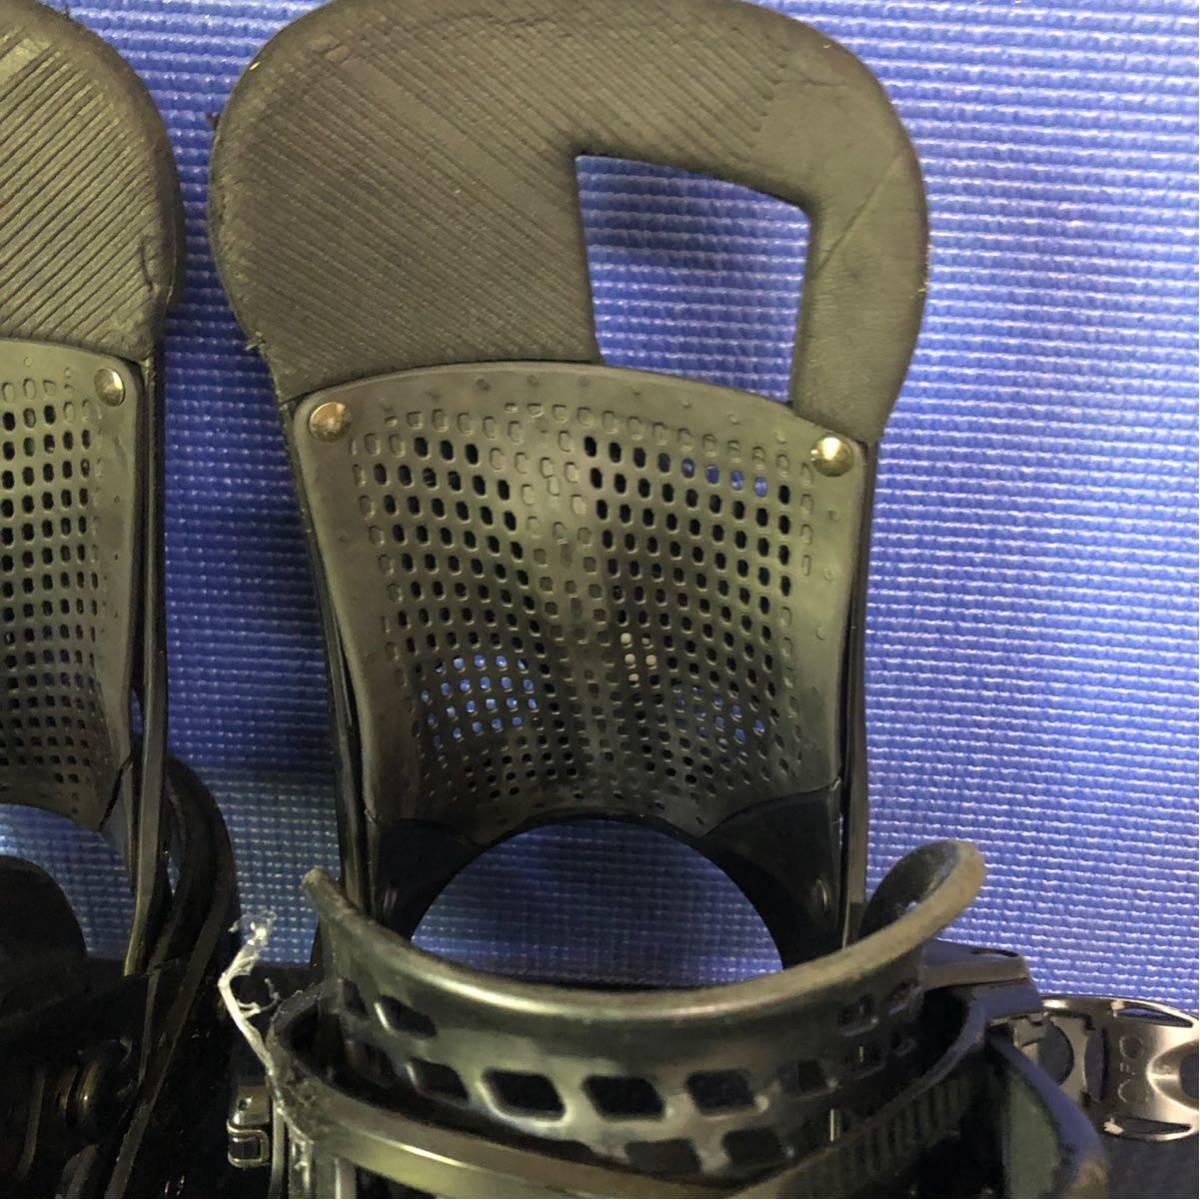 【BD013】激安!! BURTON (バートン) / モデル: CARTEL LTD / サイズ: M / スノーボード・バインディング 初心者歓迎!!_画像6